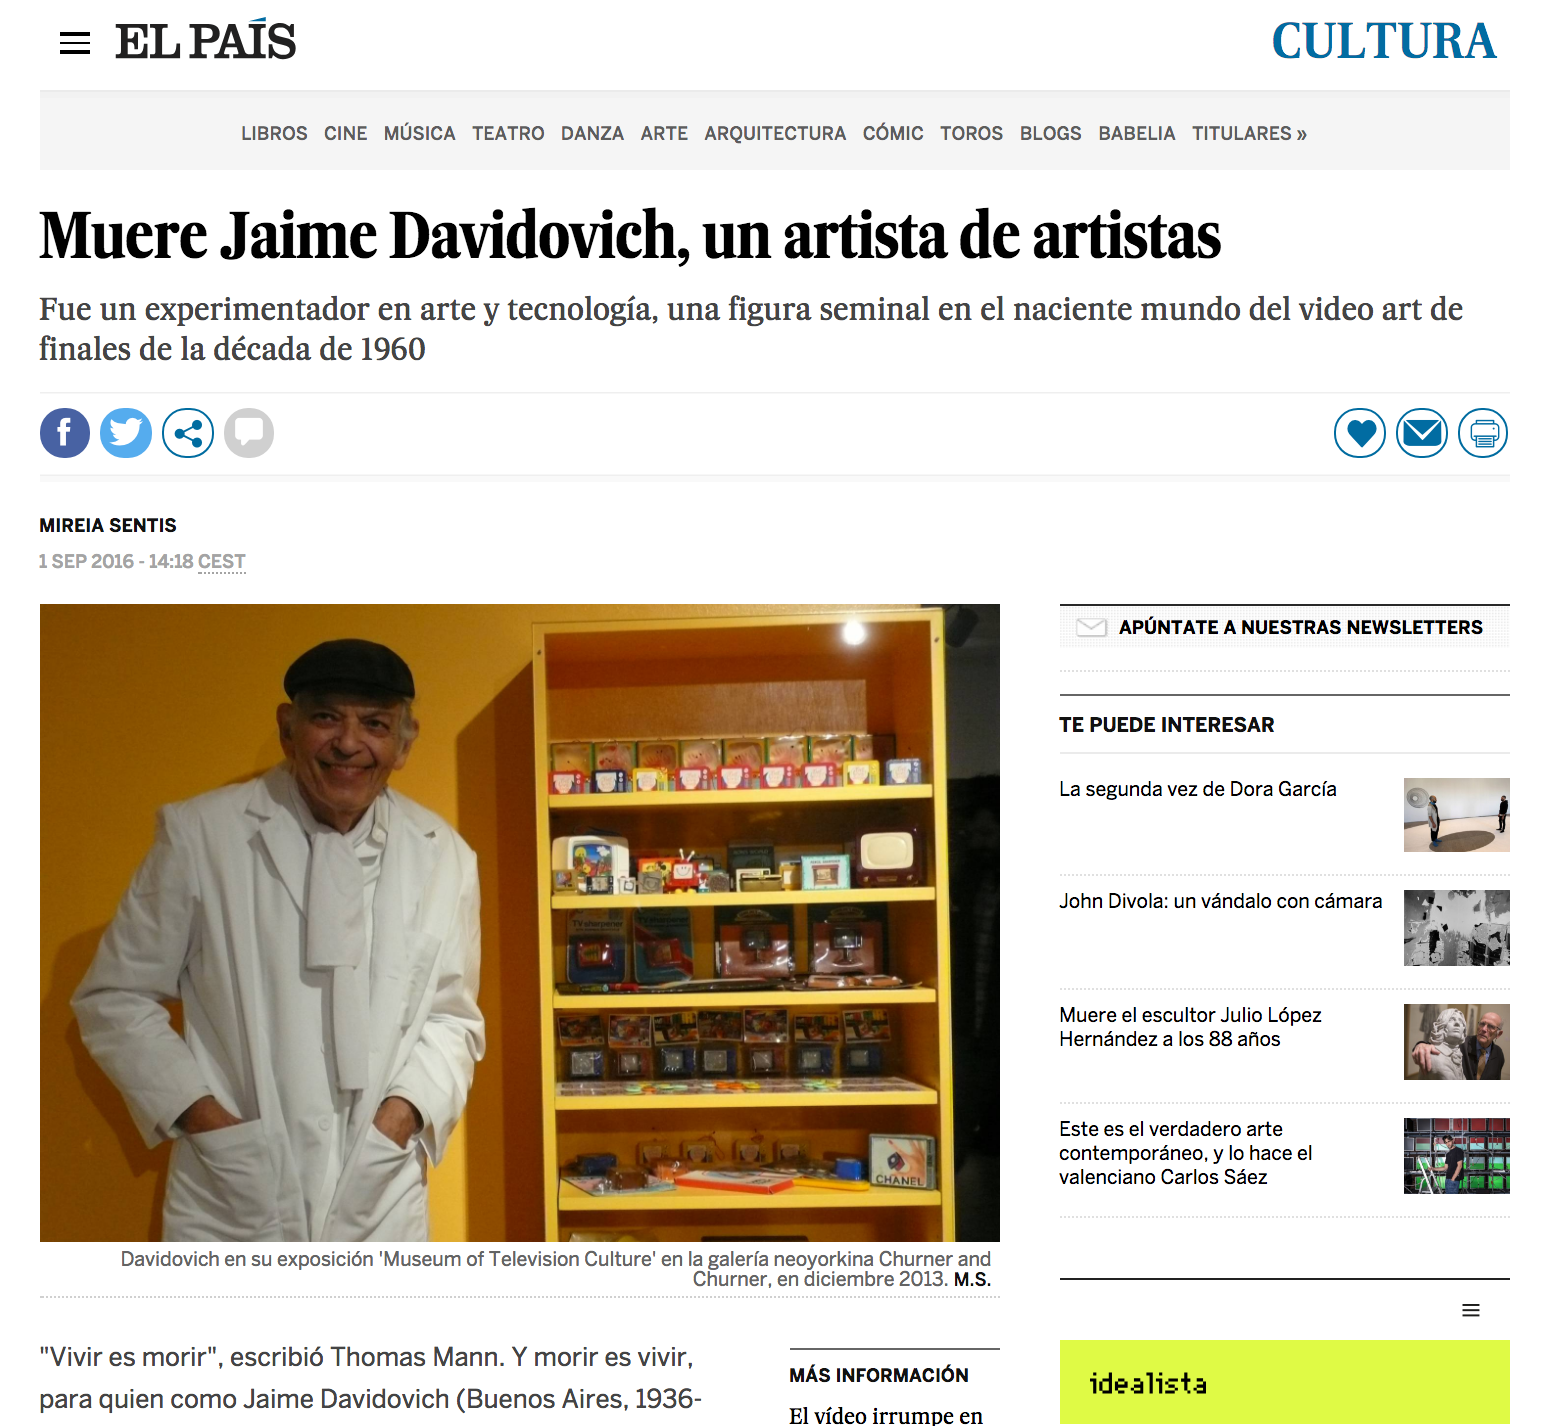 Muere Jaime Davidovich, un artista de artistas - El País - September 1, 2016